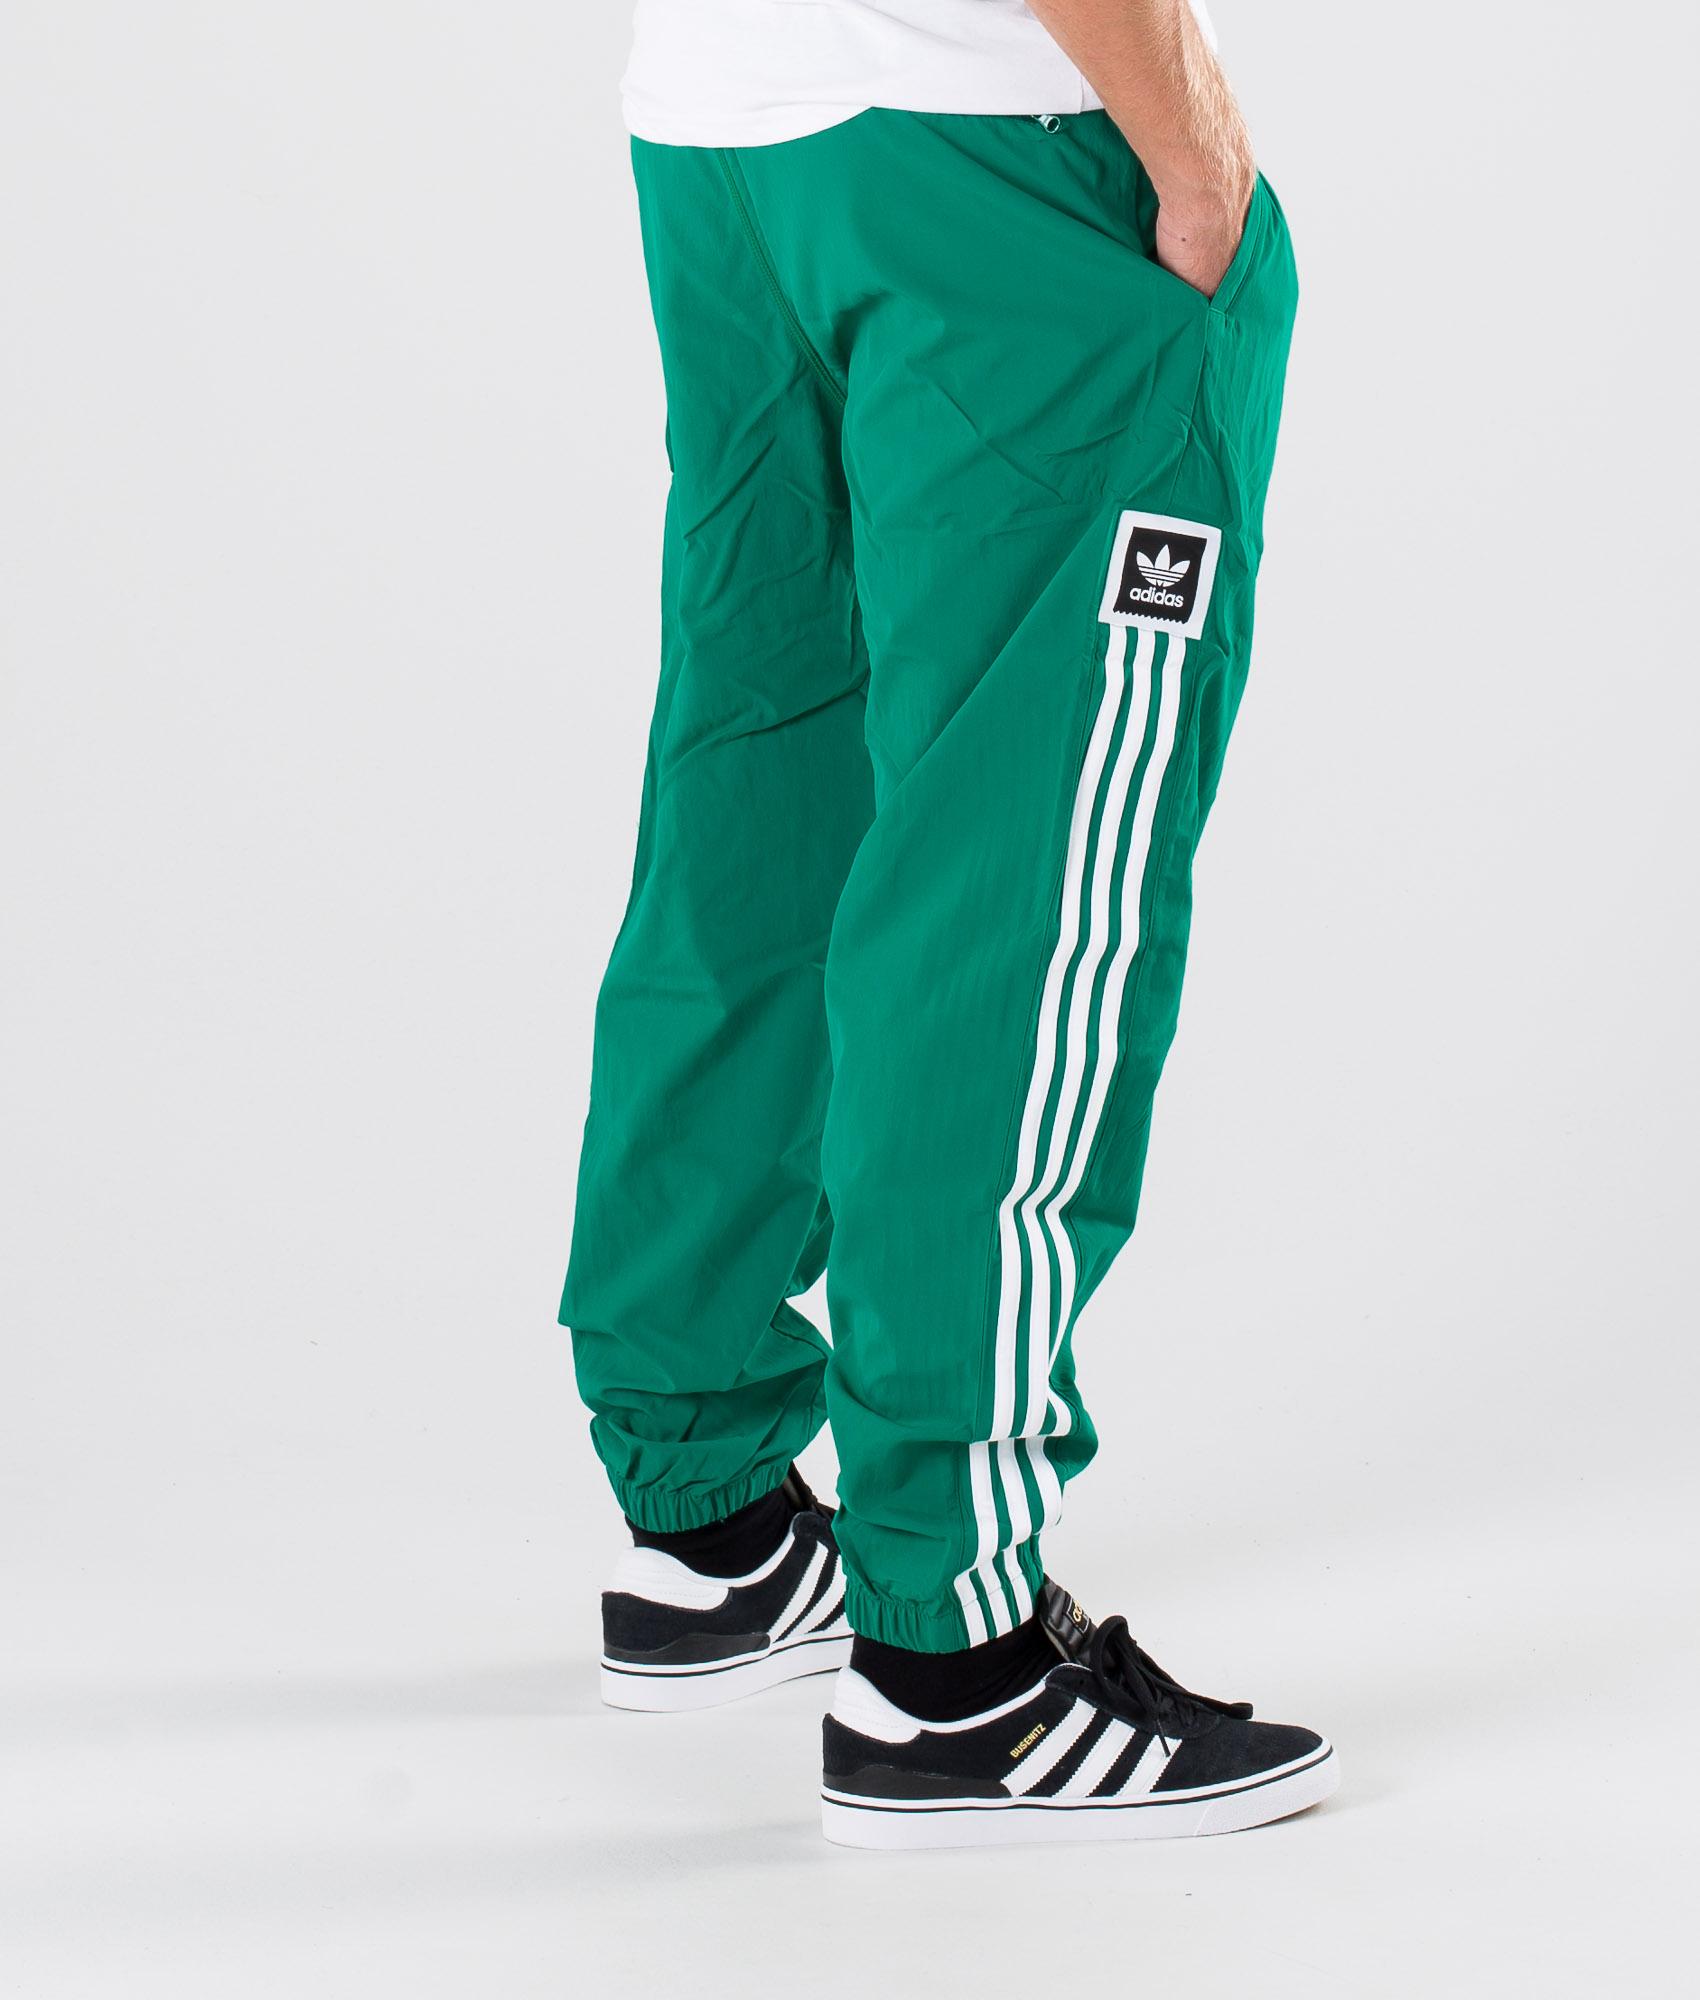 Adidas Spezial Grau eBay Kleinanzeigen